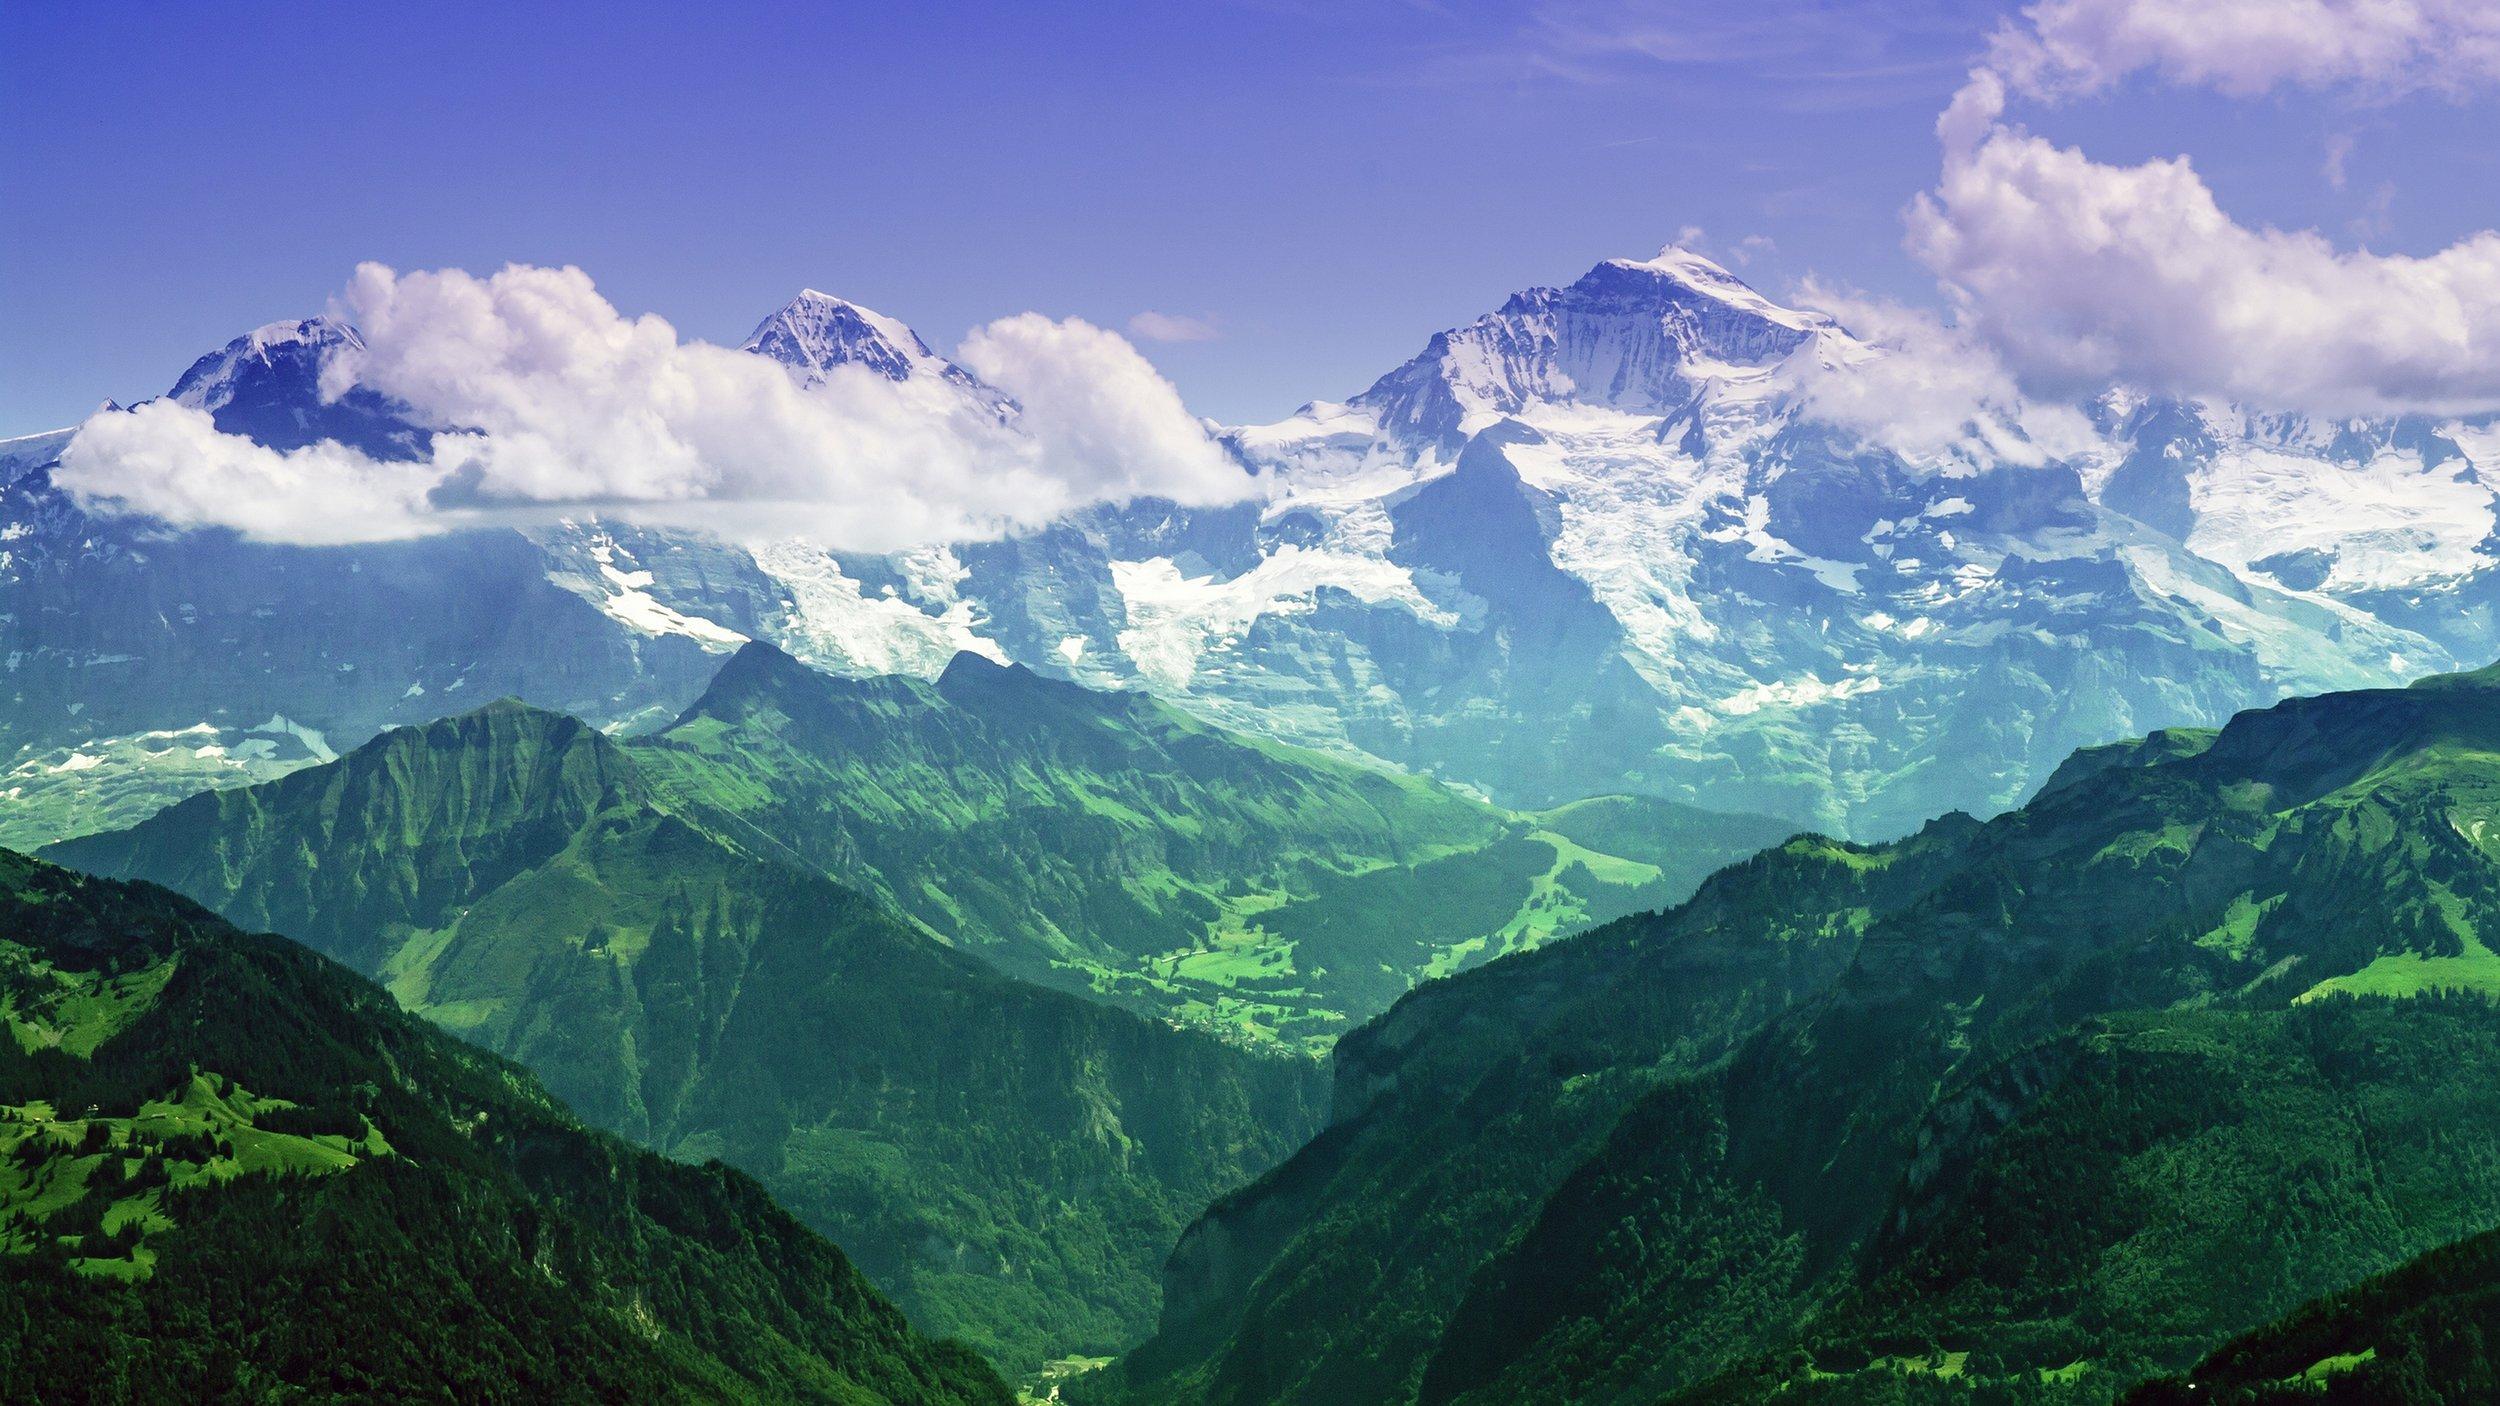 Ultra HD, 4K, Landscape, 12776871.jpg